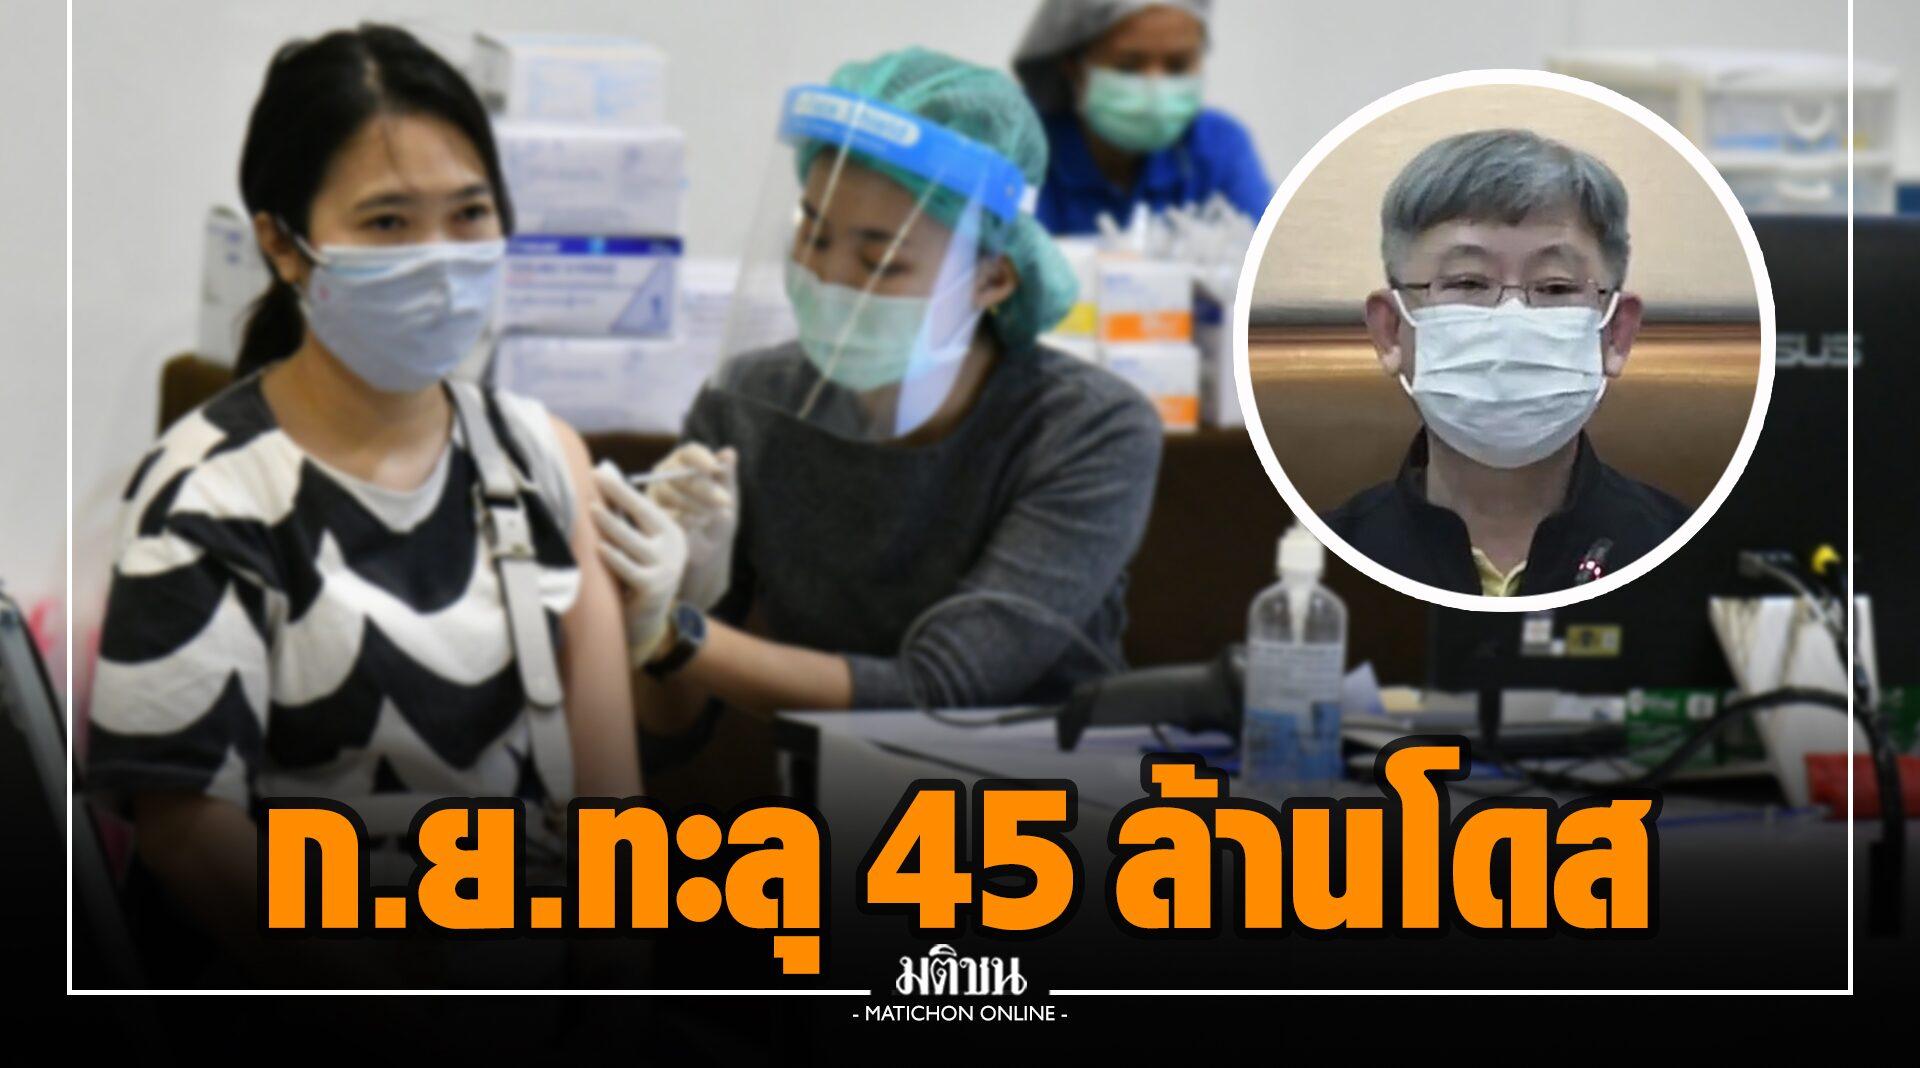 สธ.การันตี ก.ย.ฉีดวัคซีนทะลุ 45 ล้านโดส แย้ม ต.ค.มาเพิ่ม 24 ล้านโดส ระดมฉีด 5 กลุ่ม เด็ก แรงงาน ราชทัณฑ์